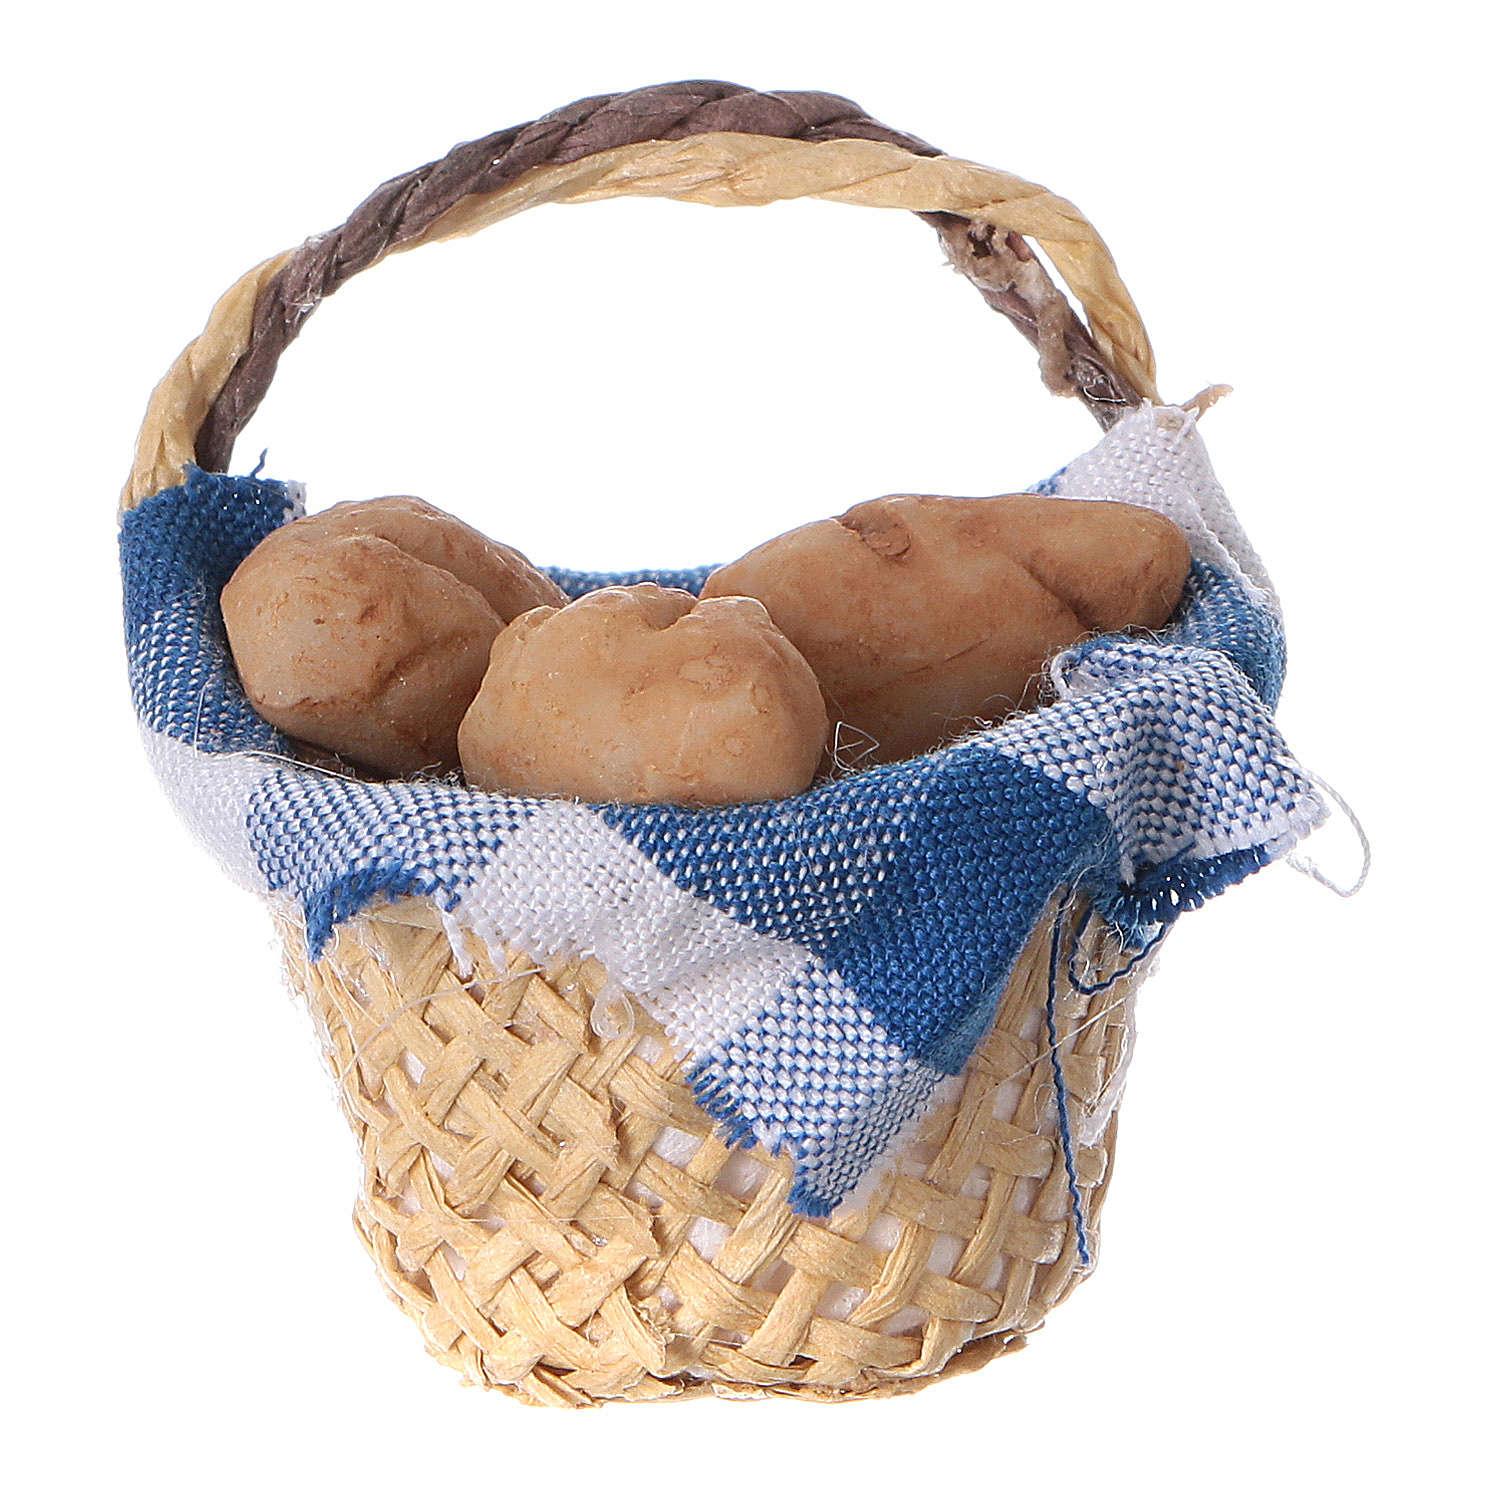 Cesto con pane per presepe fai da te h reale 4 cm 4